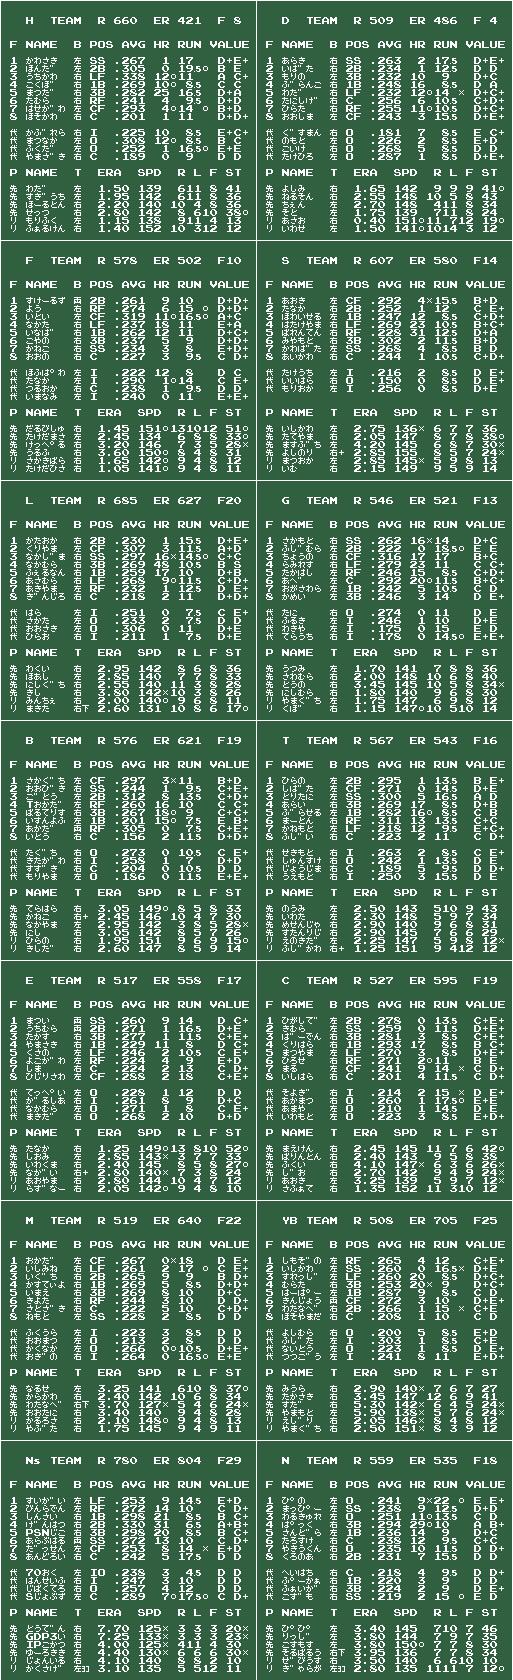 ファミスタ11 鷹完全V v2012/12/24 チームデータ